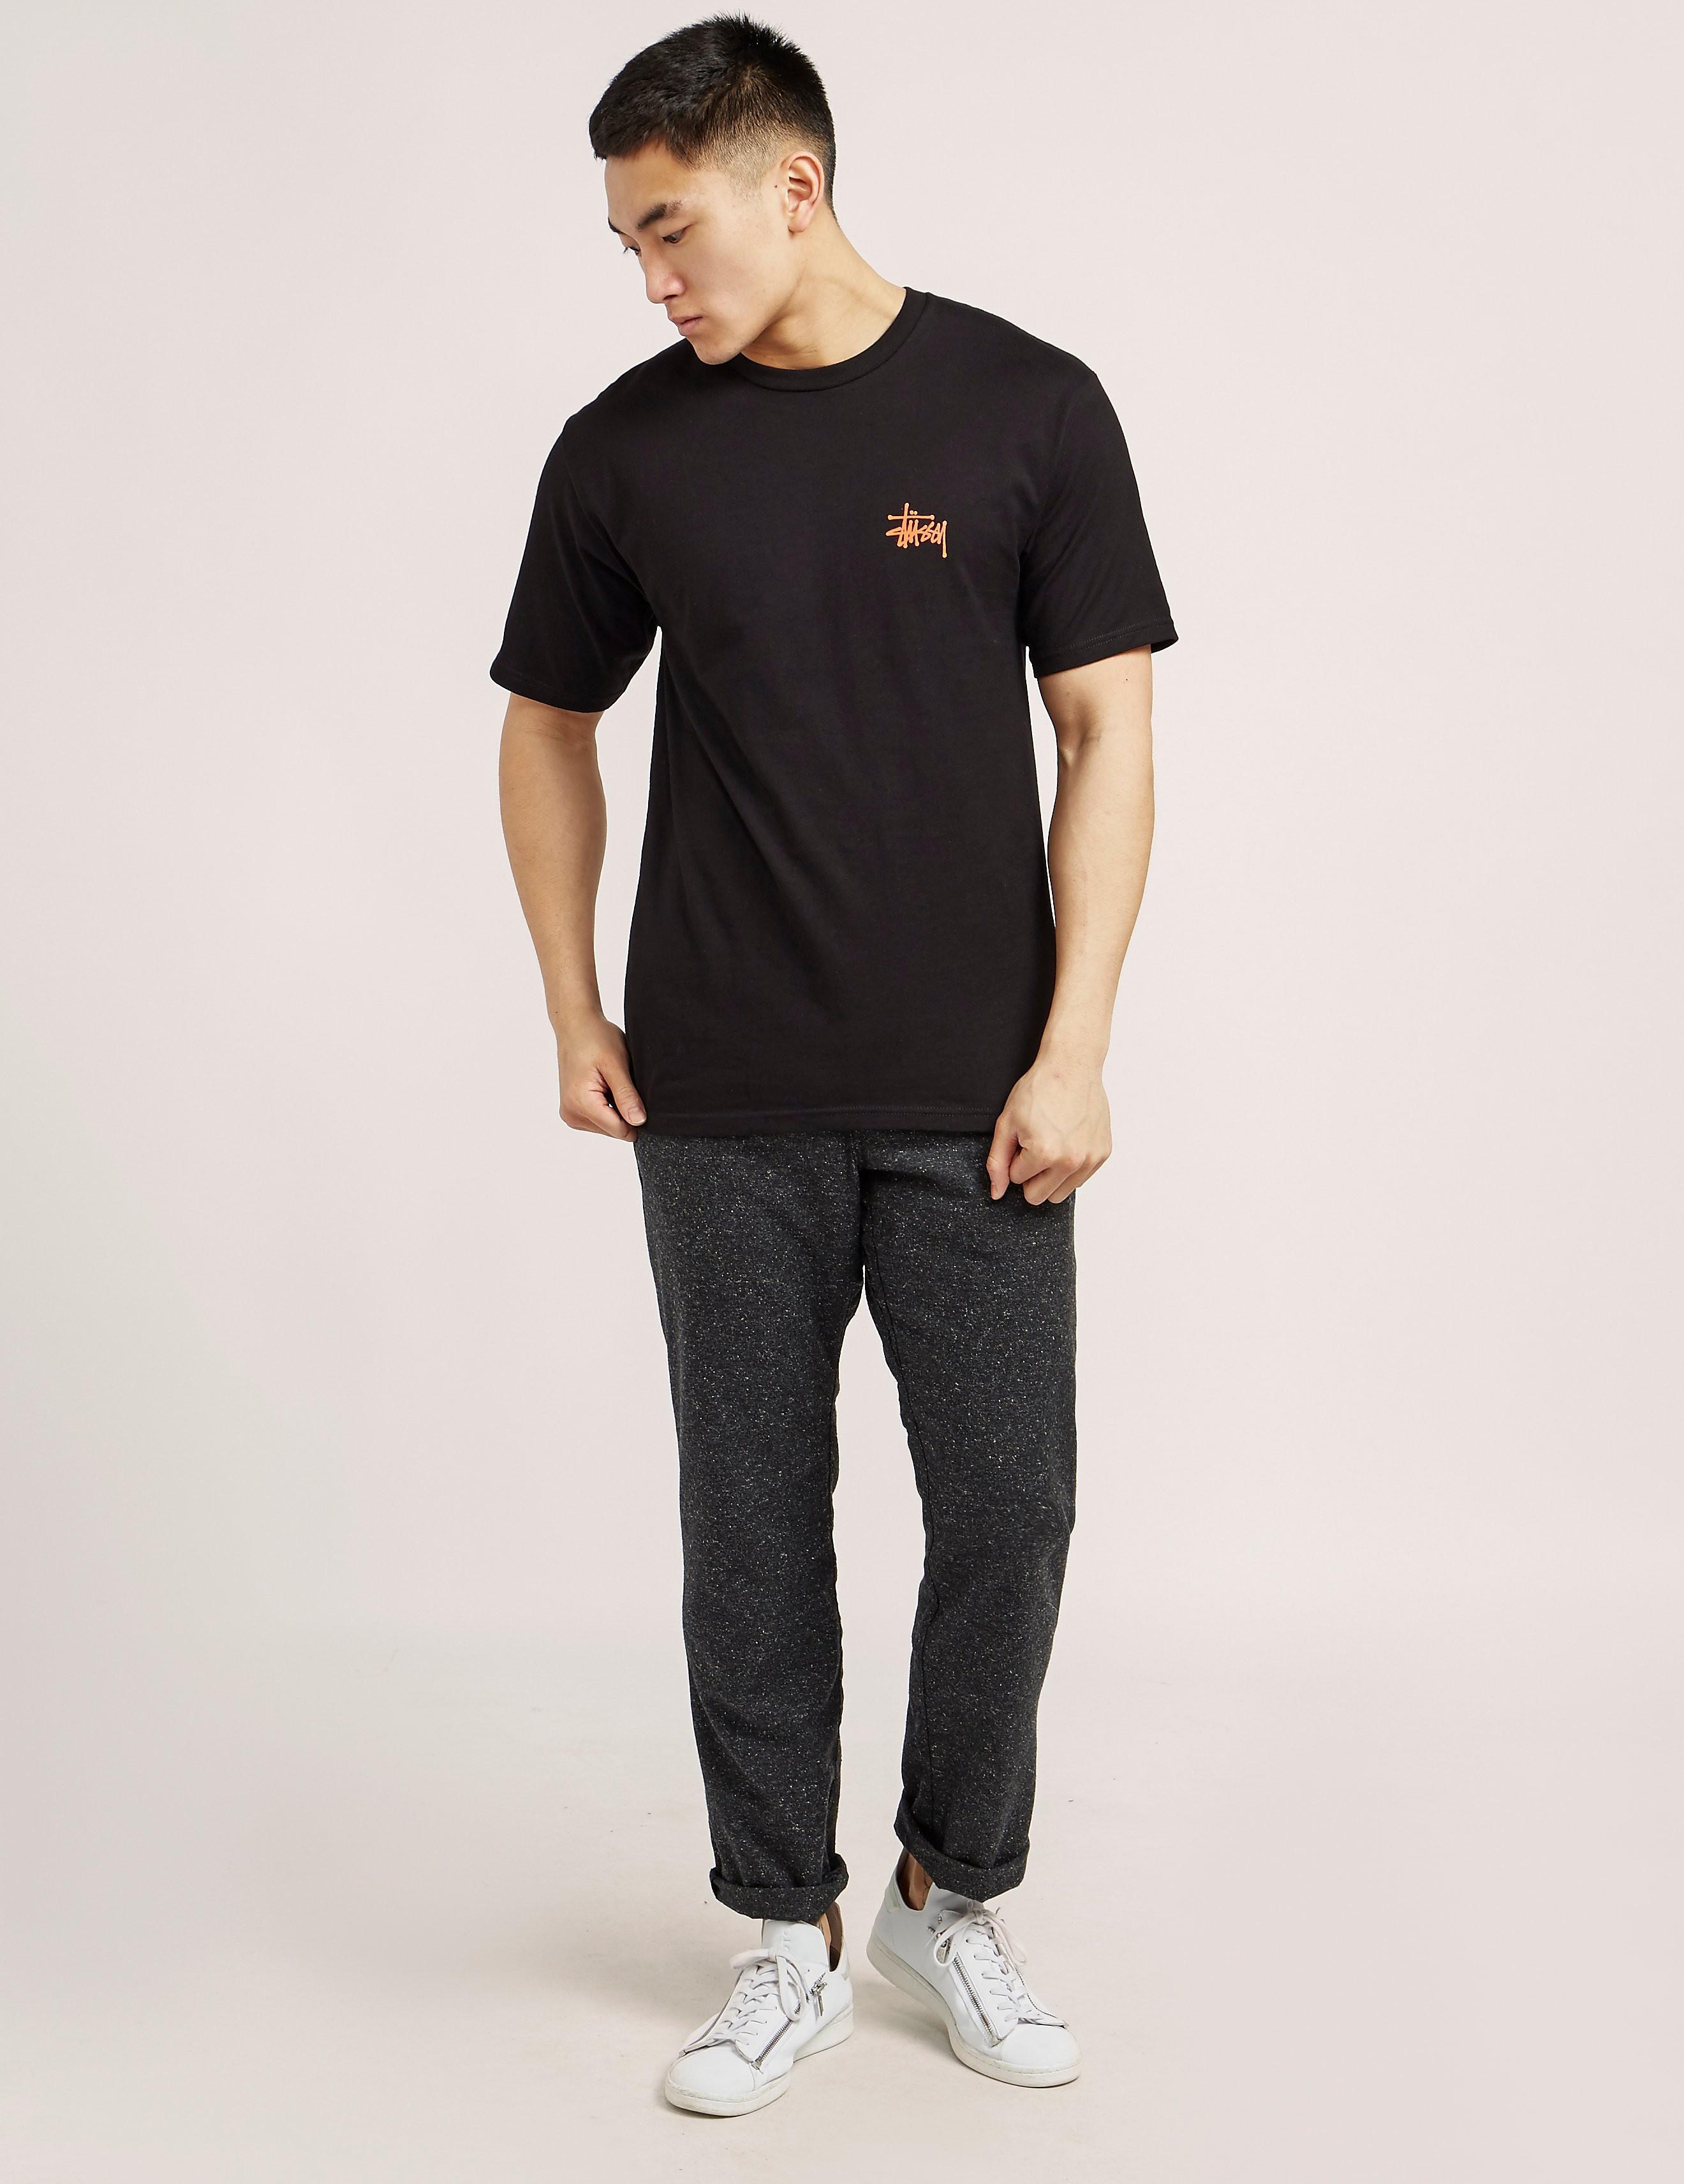 Stussy Basic Short Sleeve T-Shirt